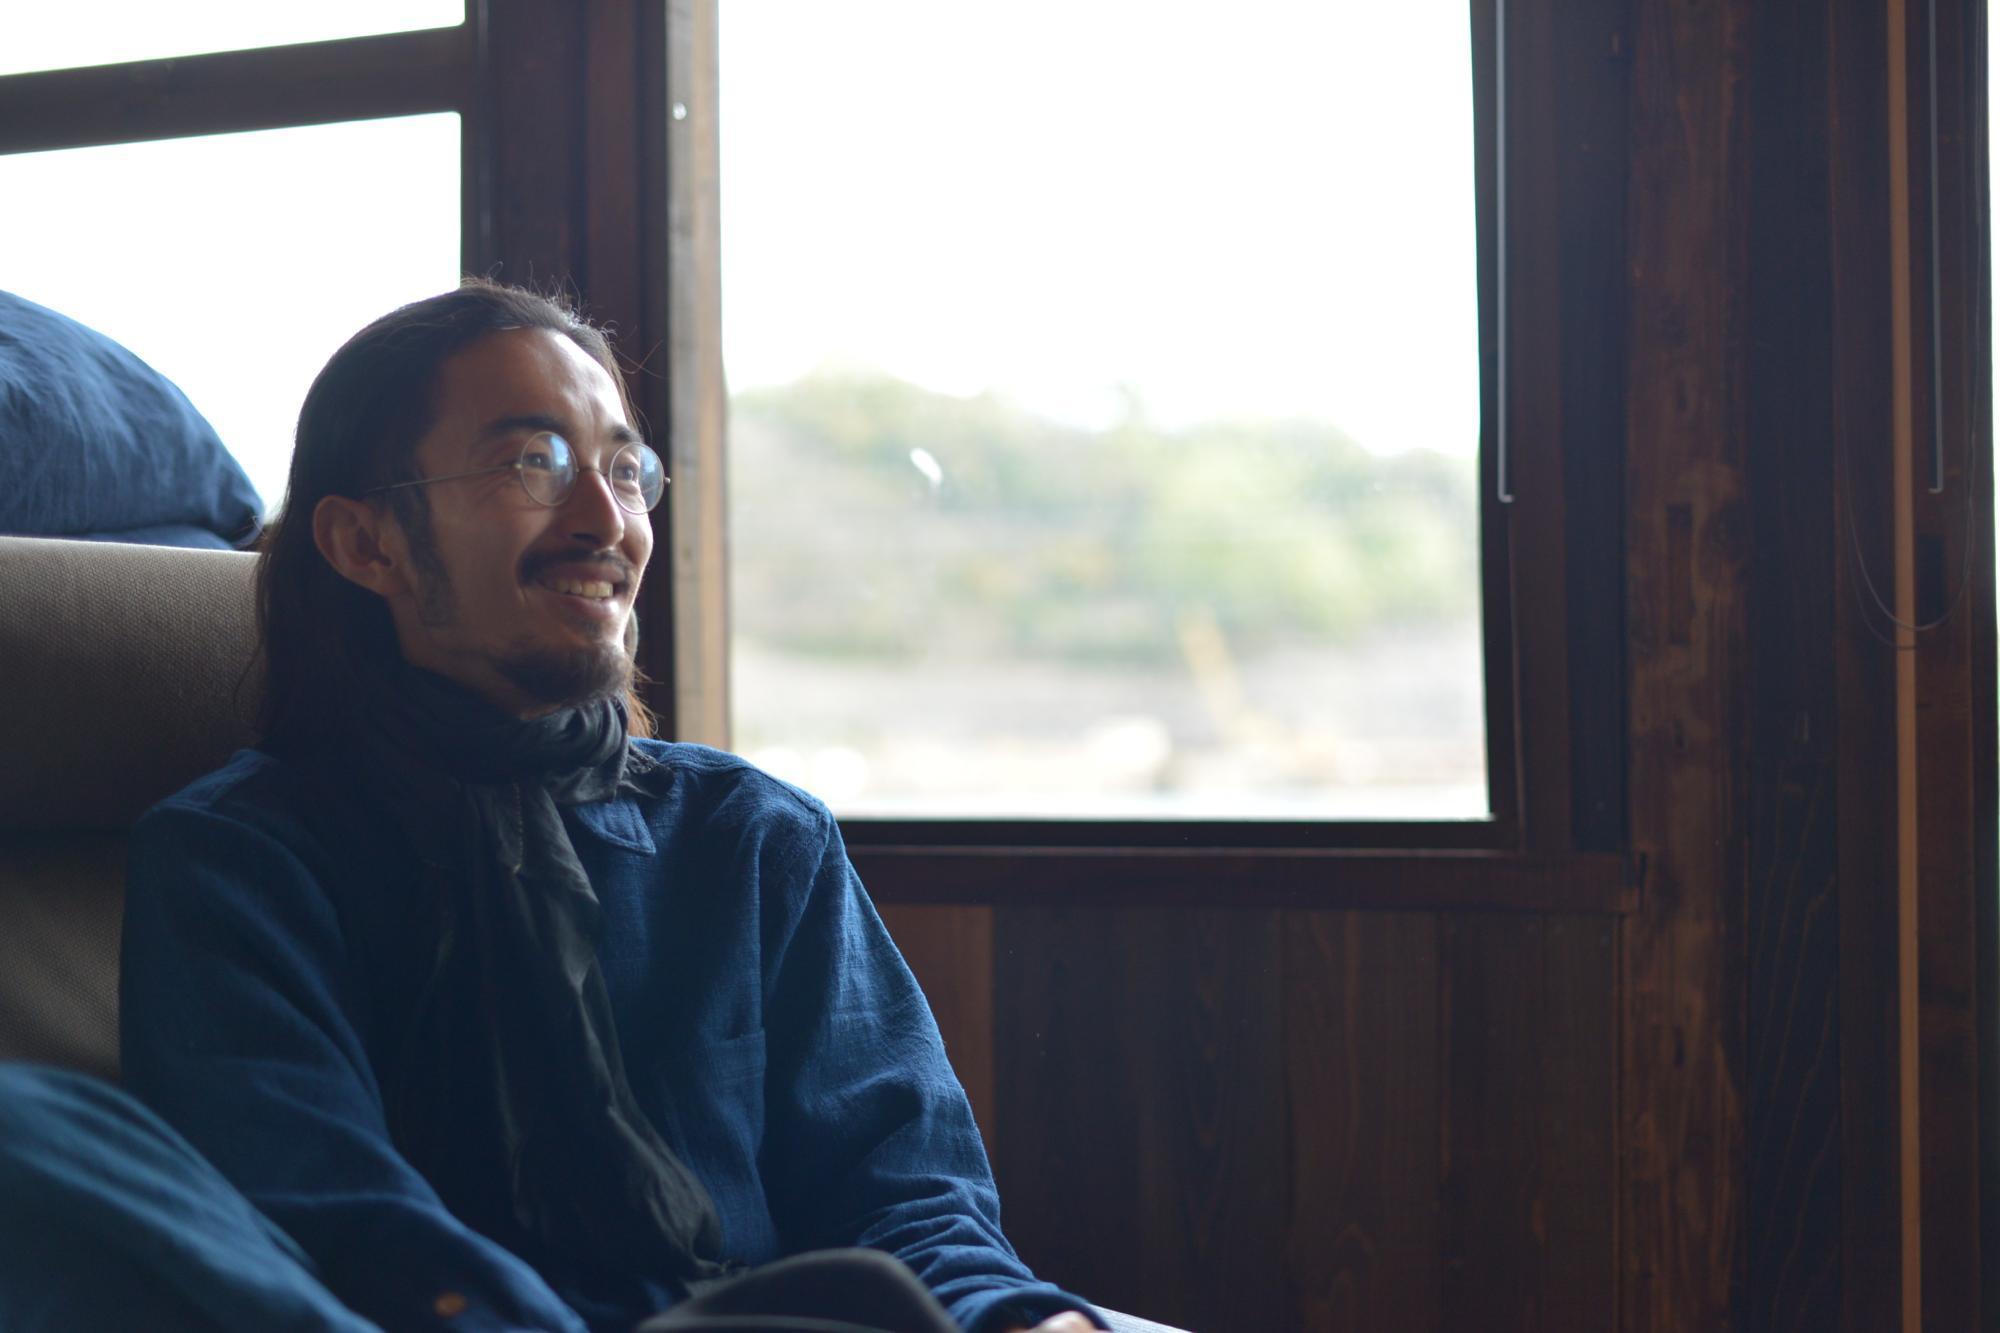 映画『スーパーローカルヒーロー』の監督で、福山大学非常勤講師、NPO法人「まちづくりプロジェクトiD尾道」の副代表理事である田中トシノリさん